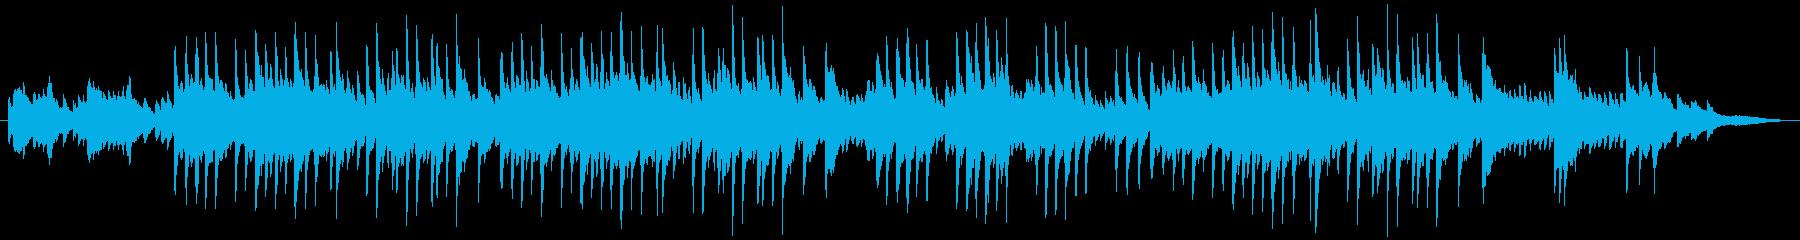 ピアノによる、切なく穏やかなバラードの再生済みの波形